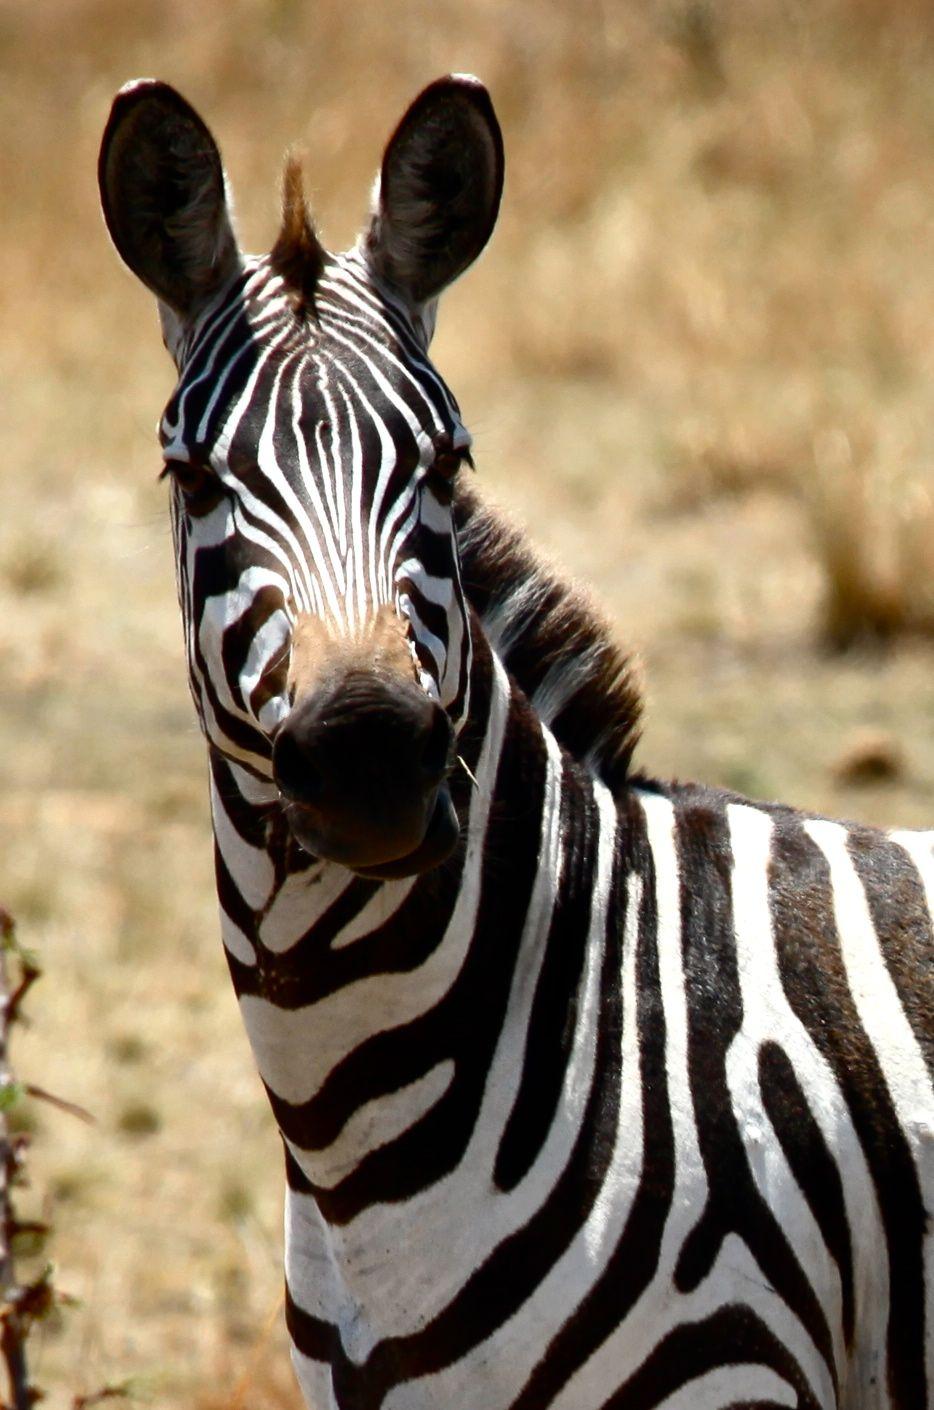 Be original! (No 2 Zebras have identical stripes